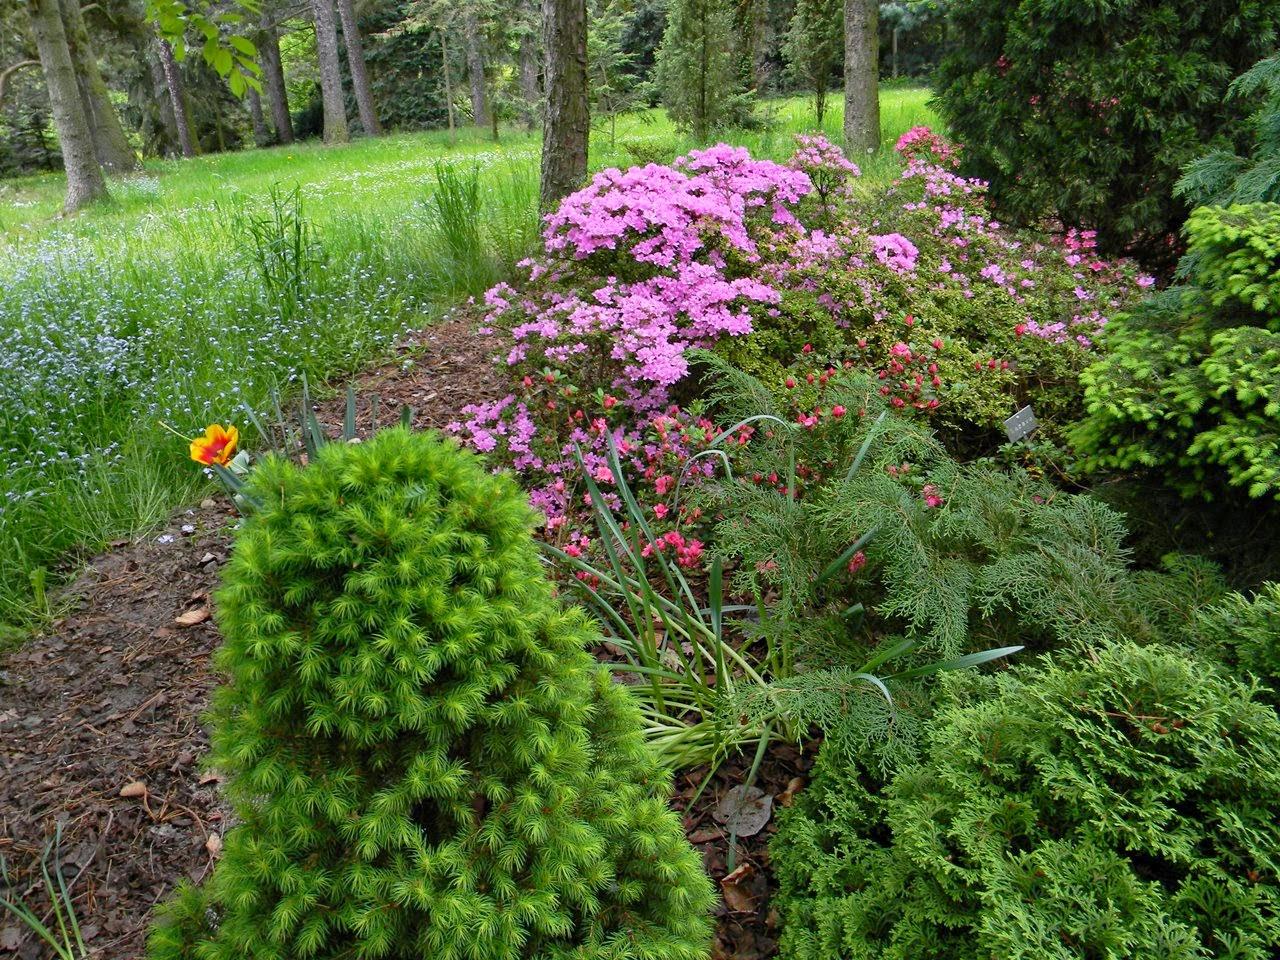 kórnickie arboretum, rośliny, przyroda, co warto zobaczyć w Kórniku